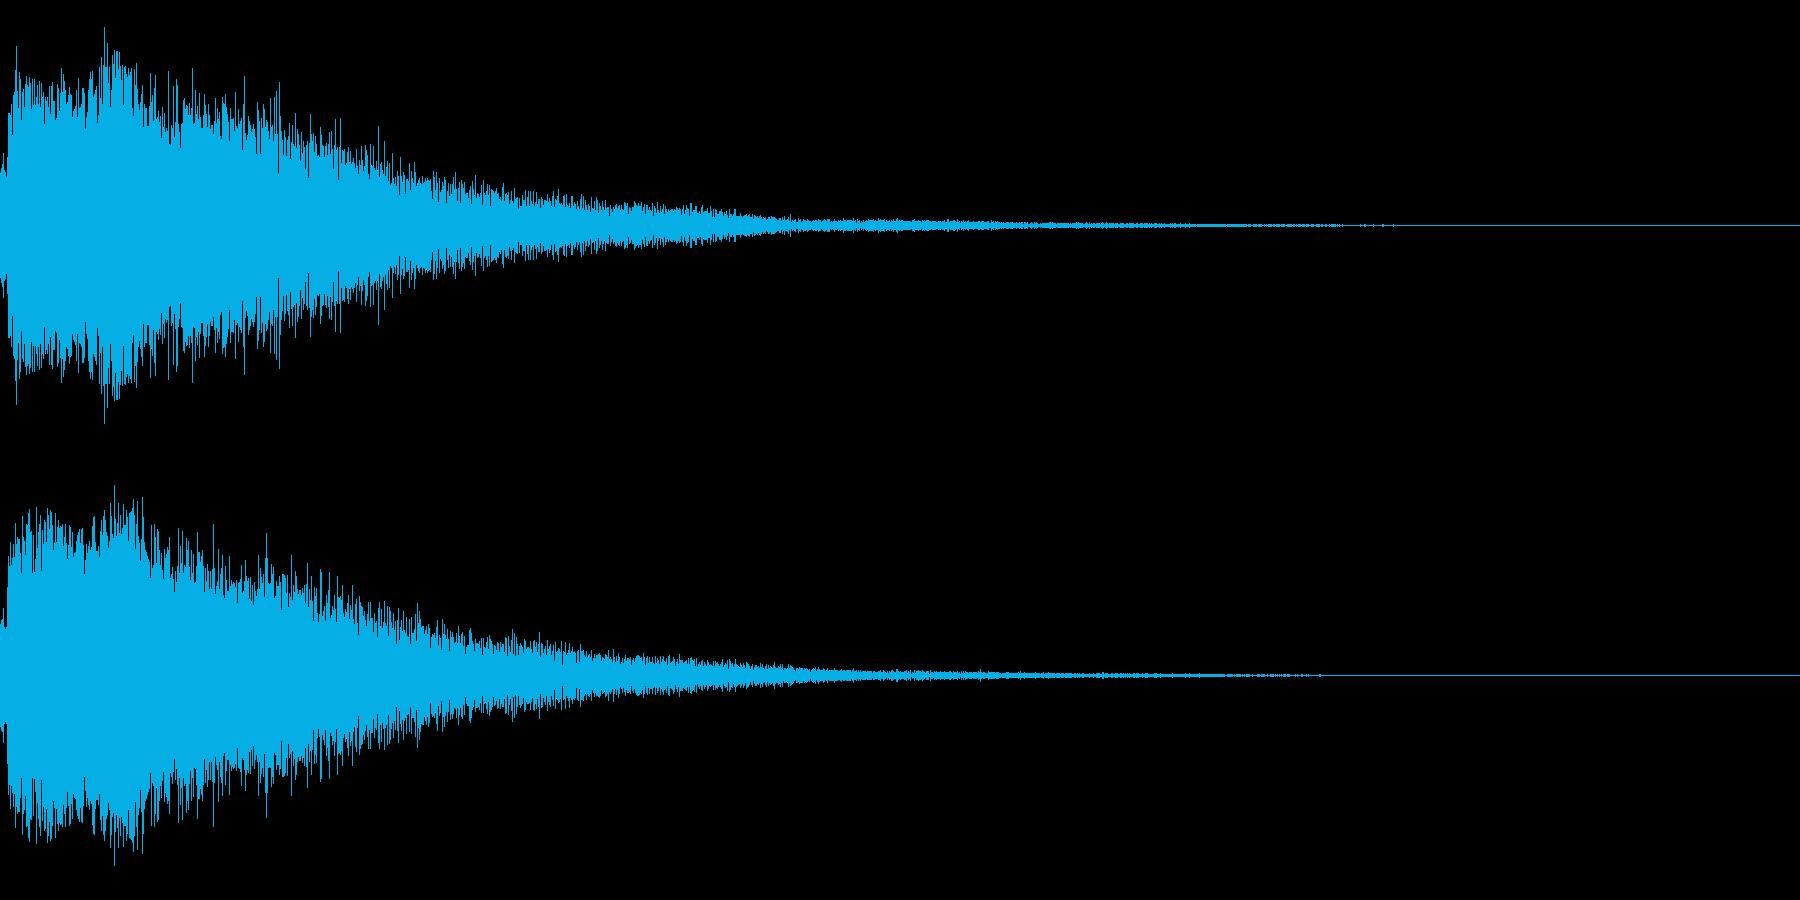 琴と刀の【シャキーン!】和風ロゴ 14の再生済みの波形